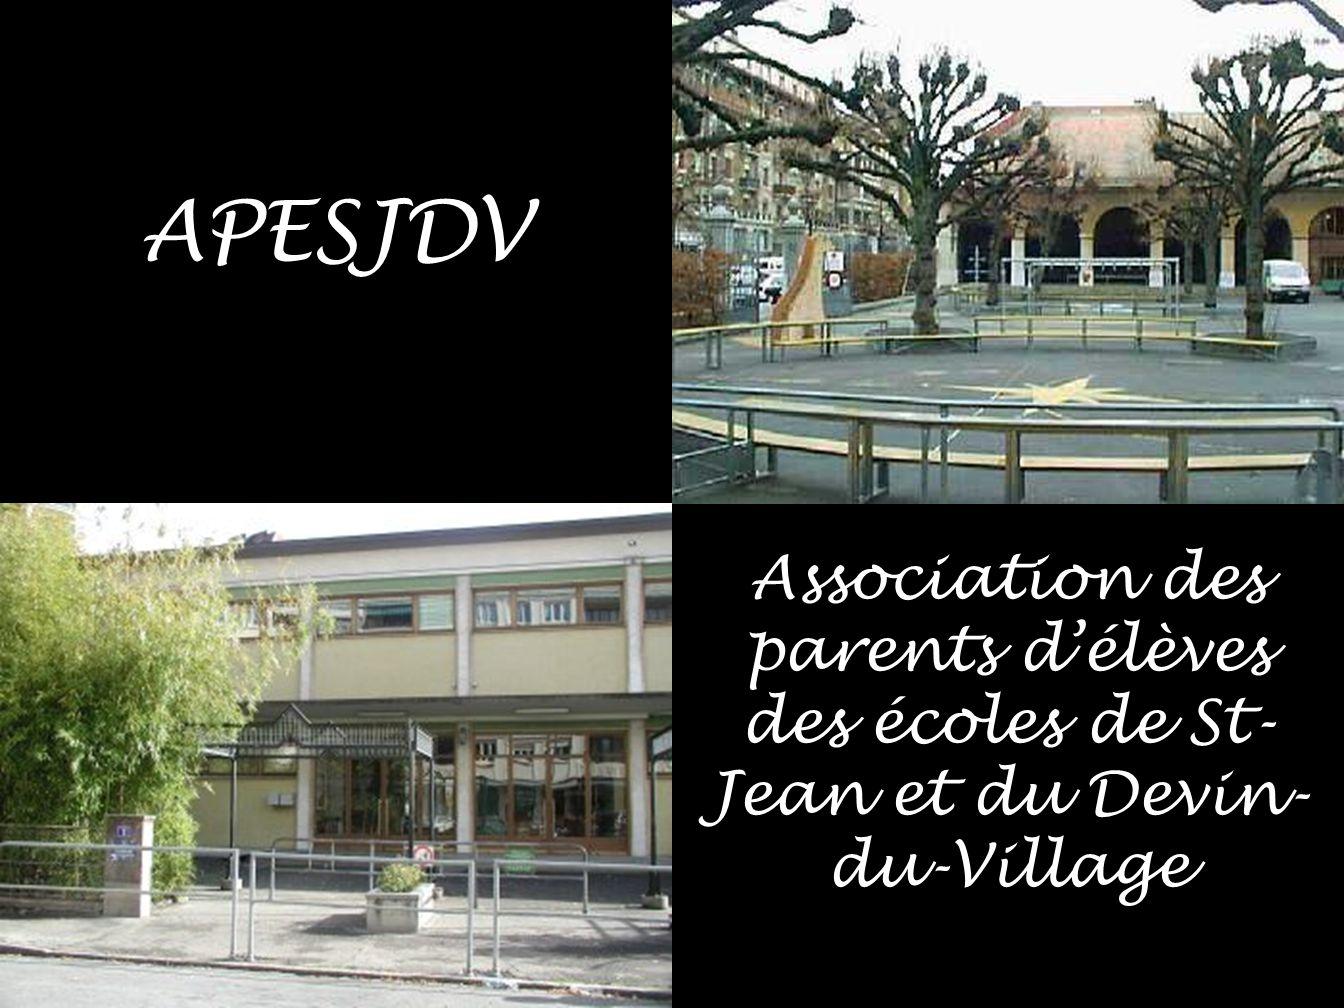 APESJDV Association des parents d'élèves des écoles de St- Jean et du Devin- du-Village